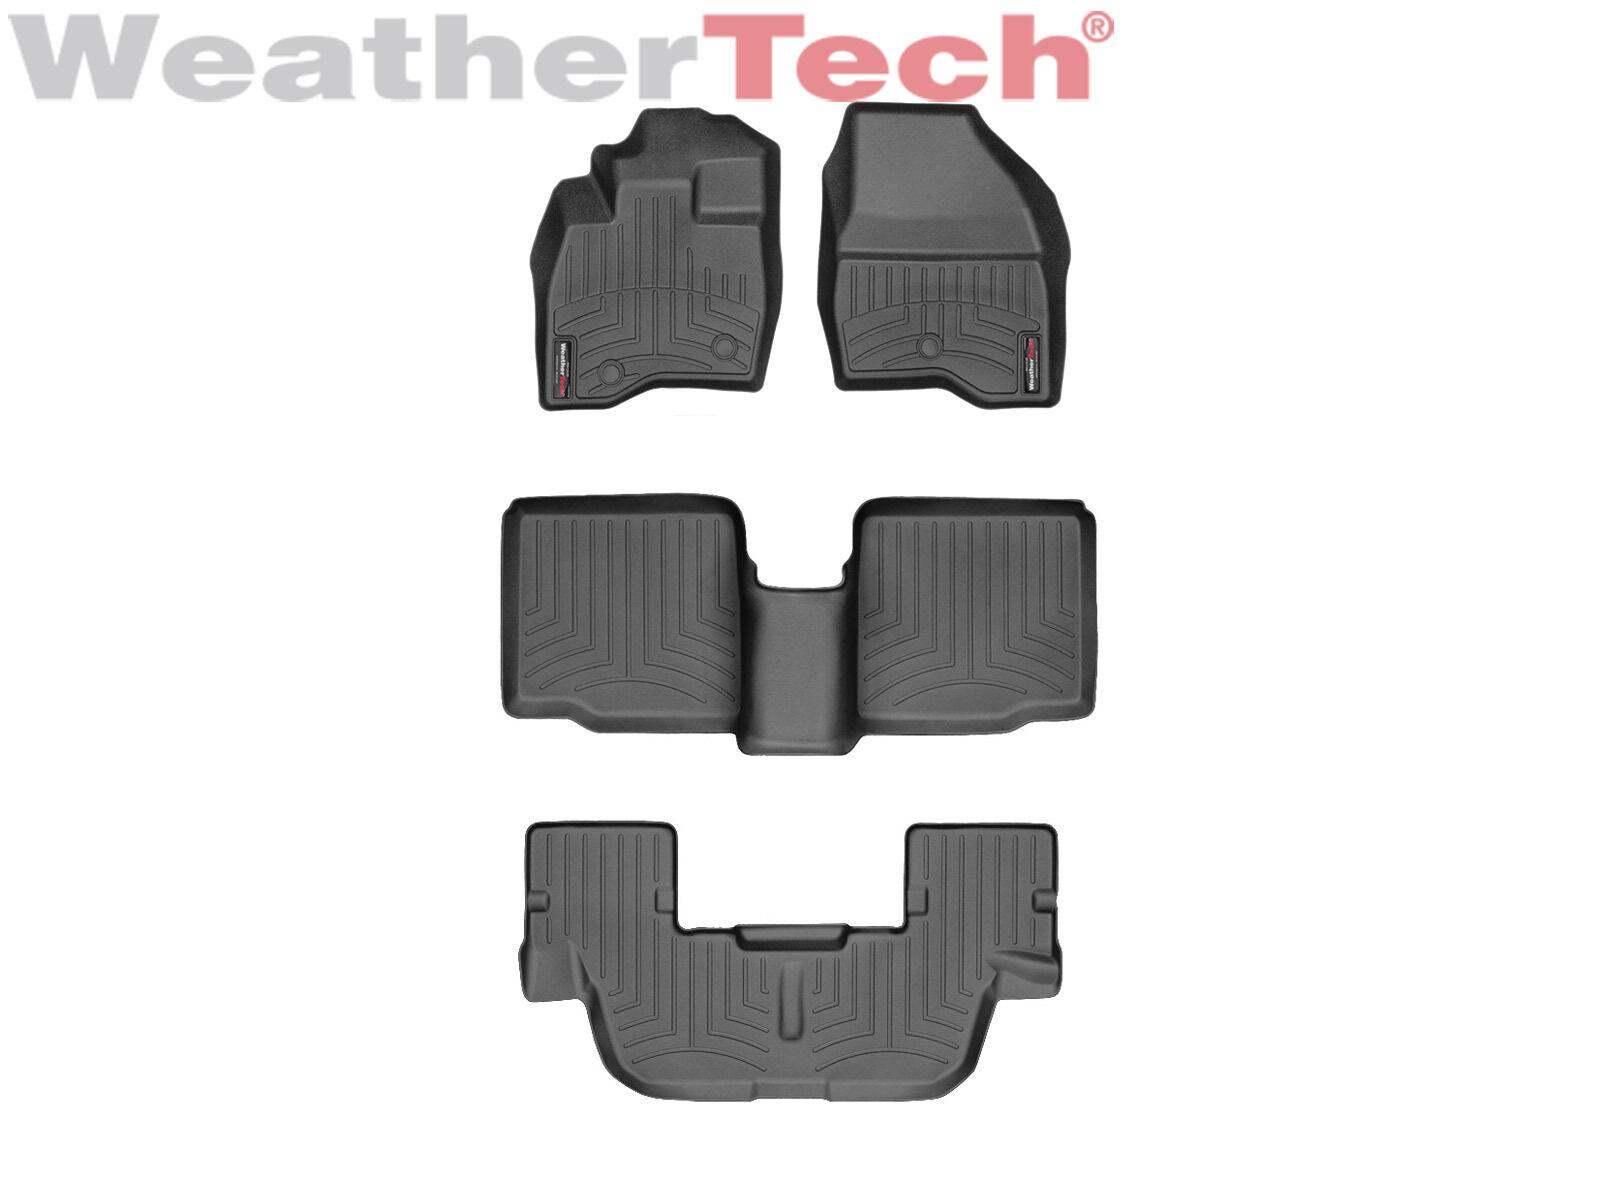 Where to buy weathertech floor mats - Weathertech Floor Mats Floorliner For Ford Explorer 2017 Black